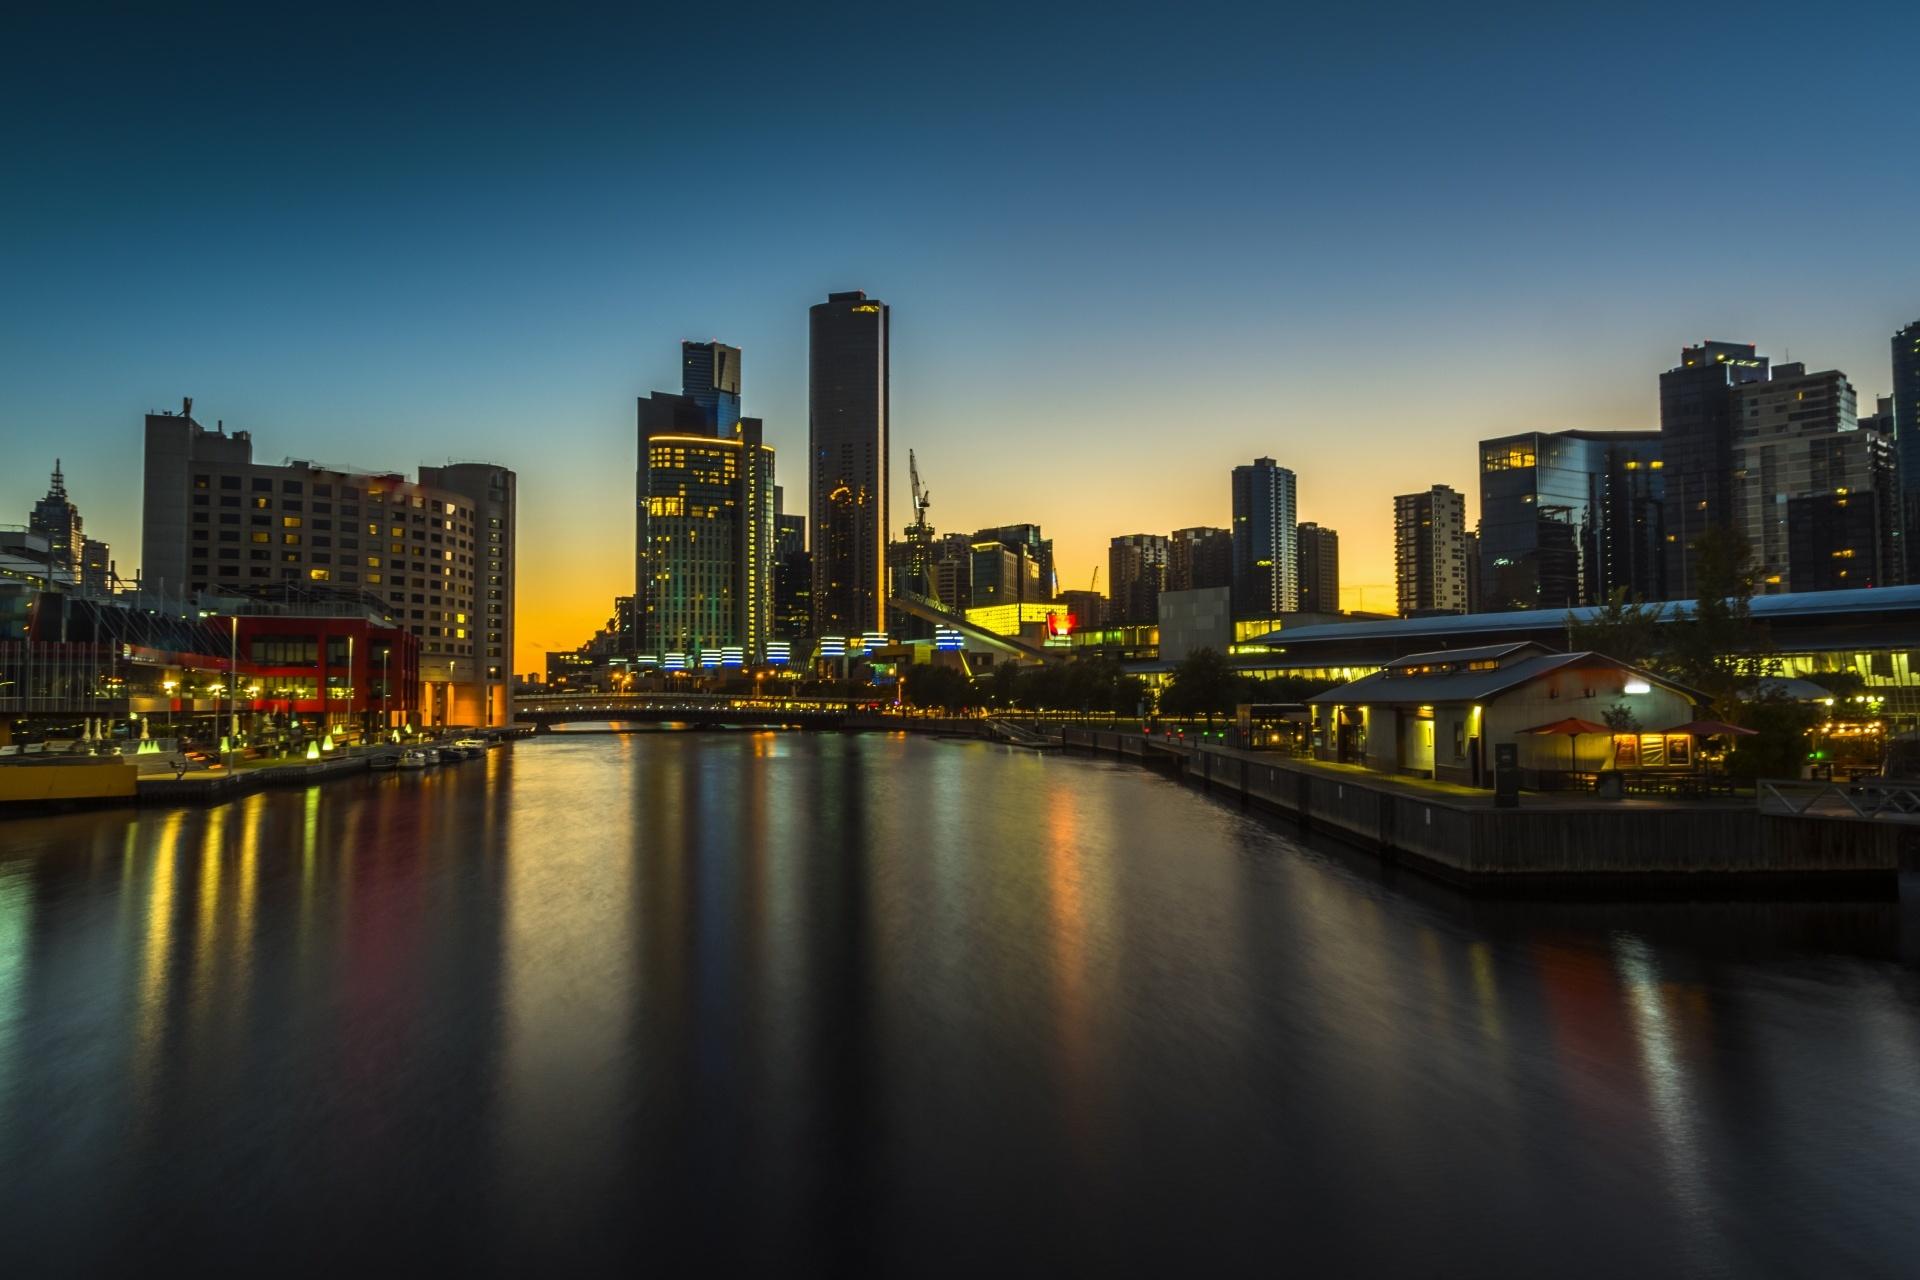 夜明けのメルボルン オーストラリアの風景